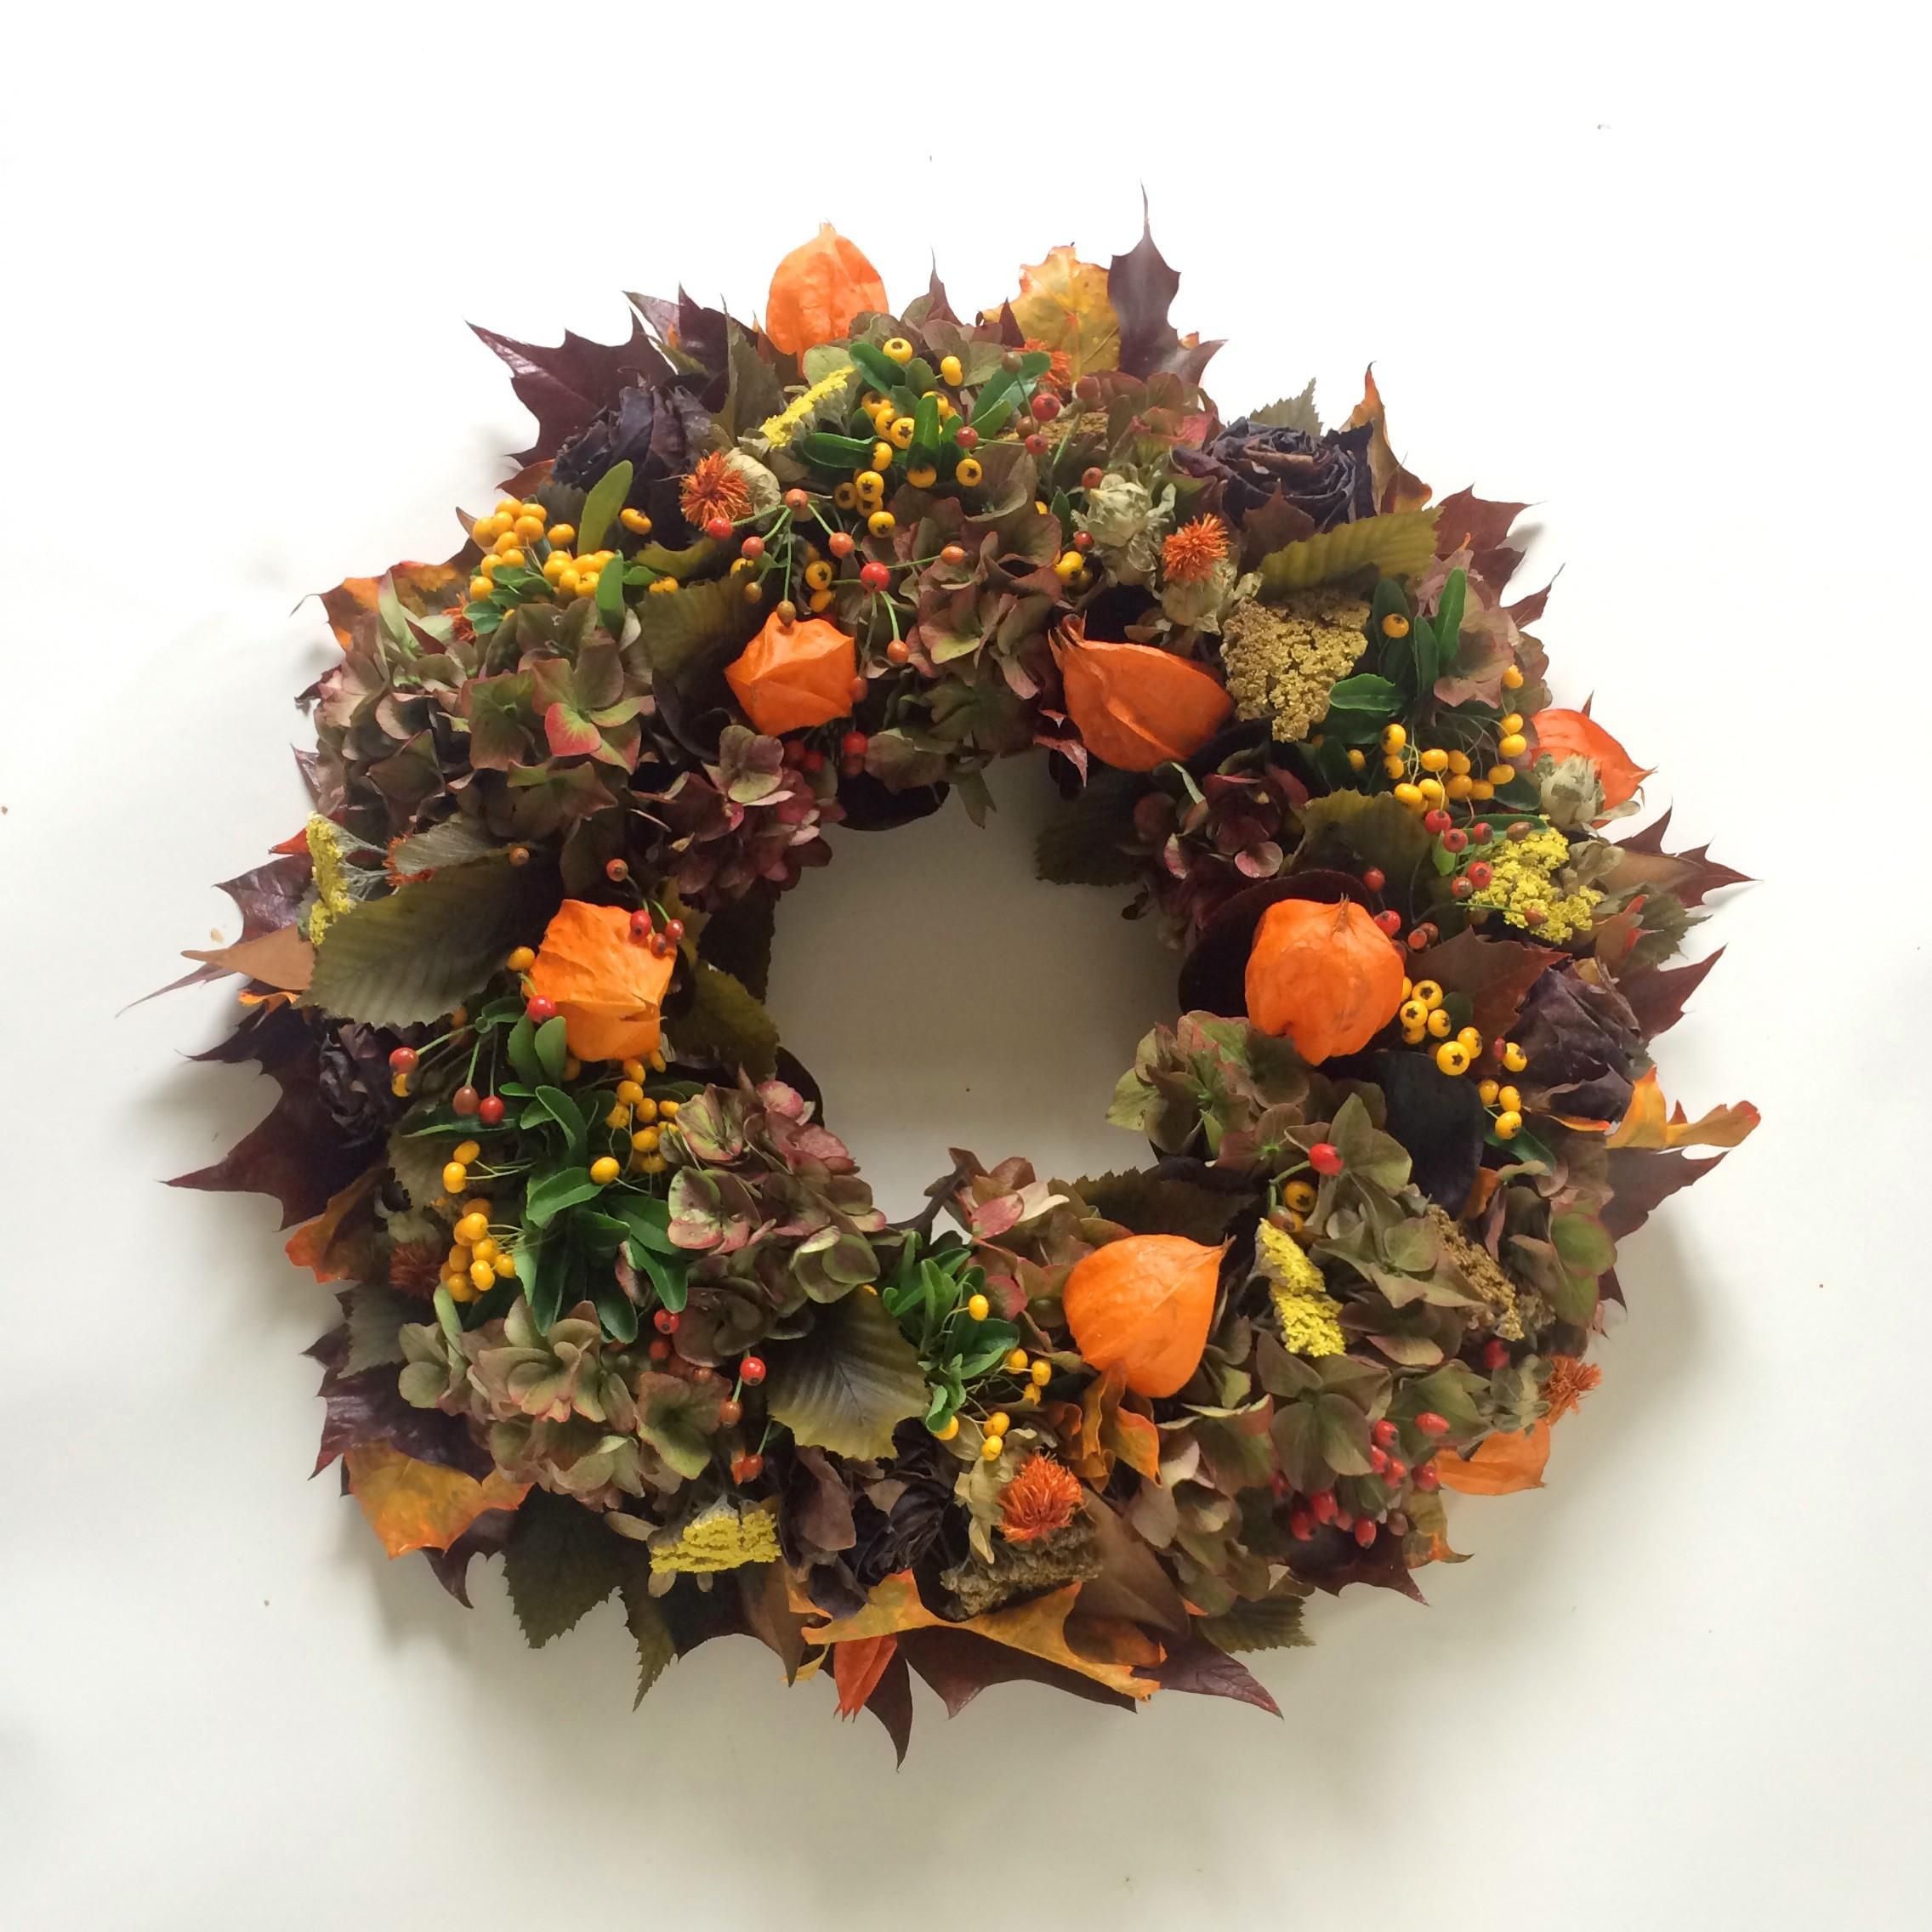 Herbstkränze in Grün mit verschiedenen orangen Akzenten